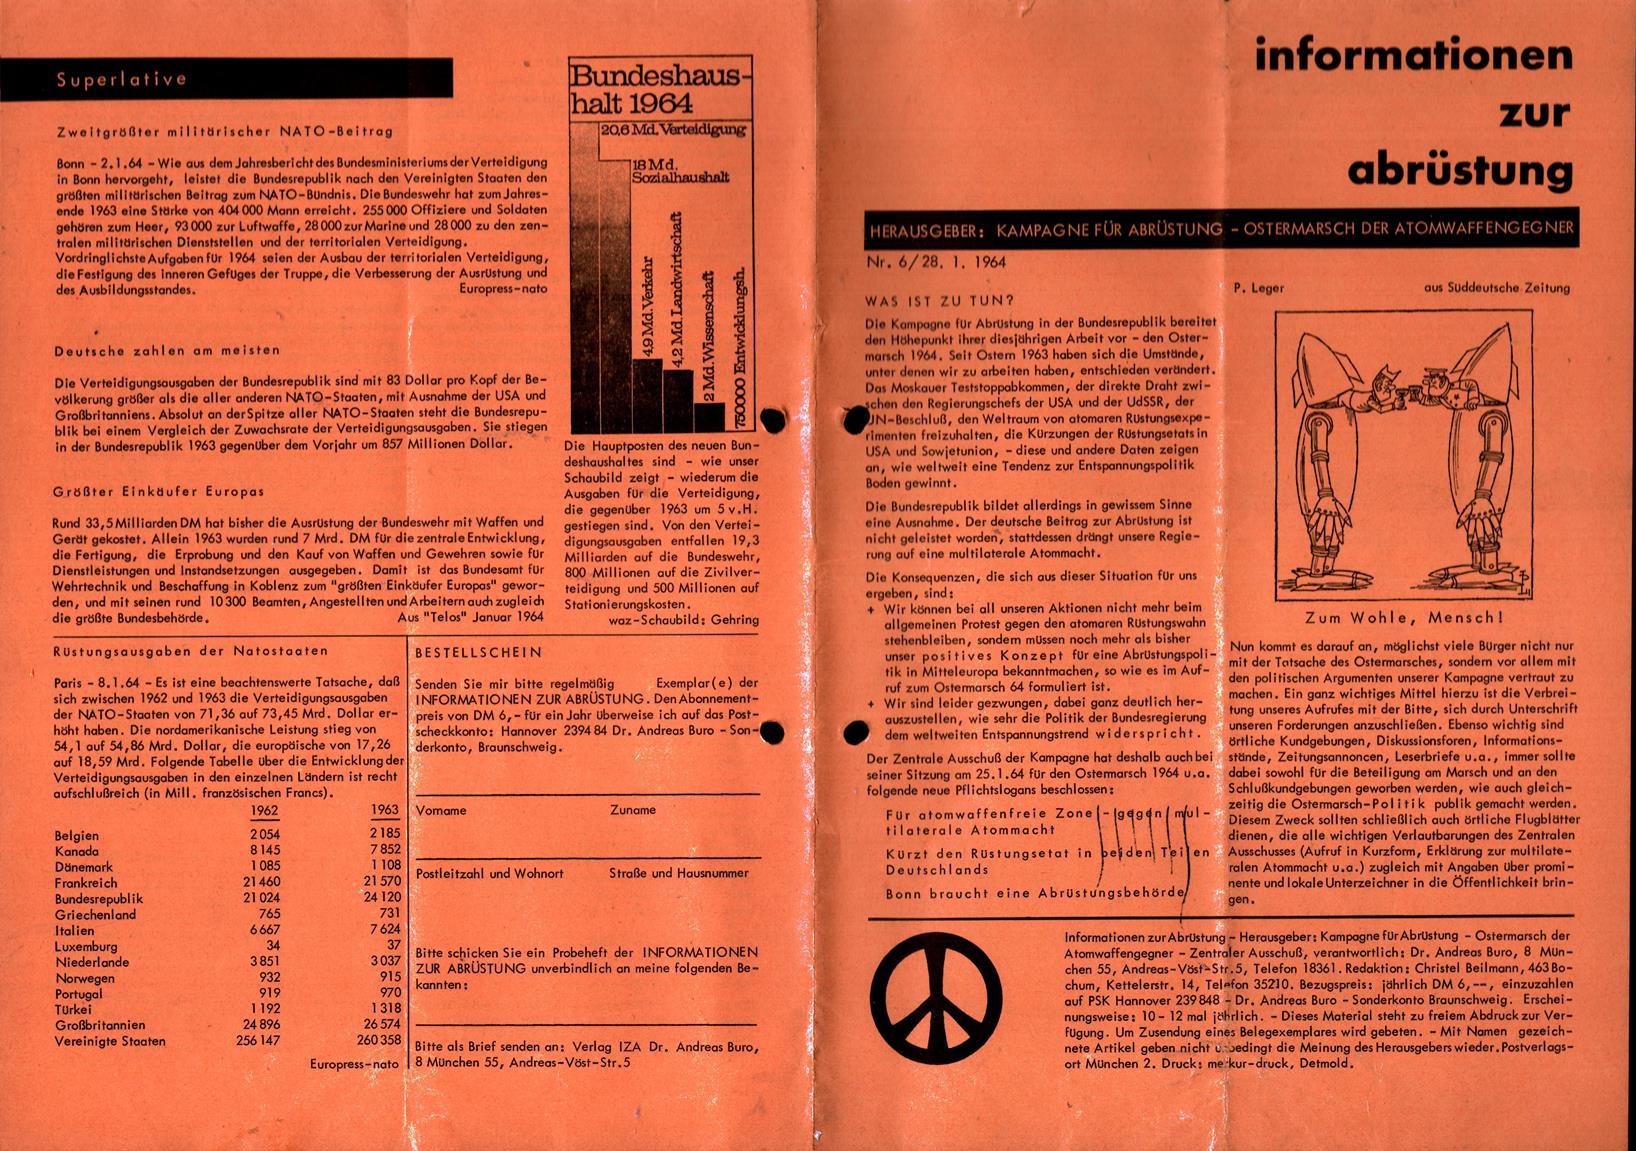 Infos_zur_Abruestung_1964_006_001